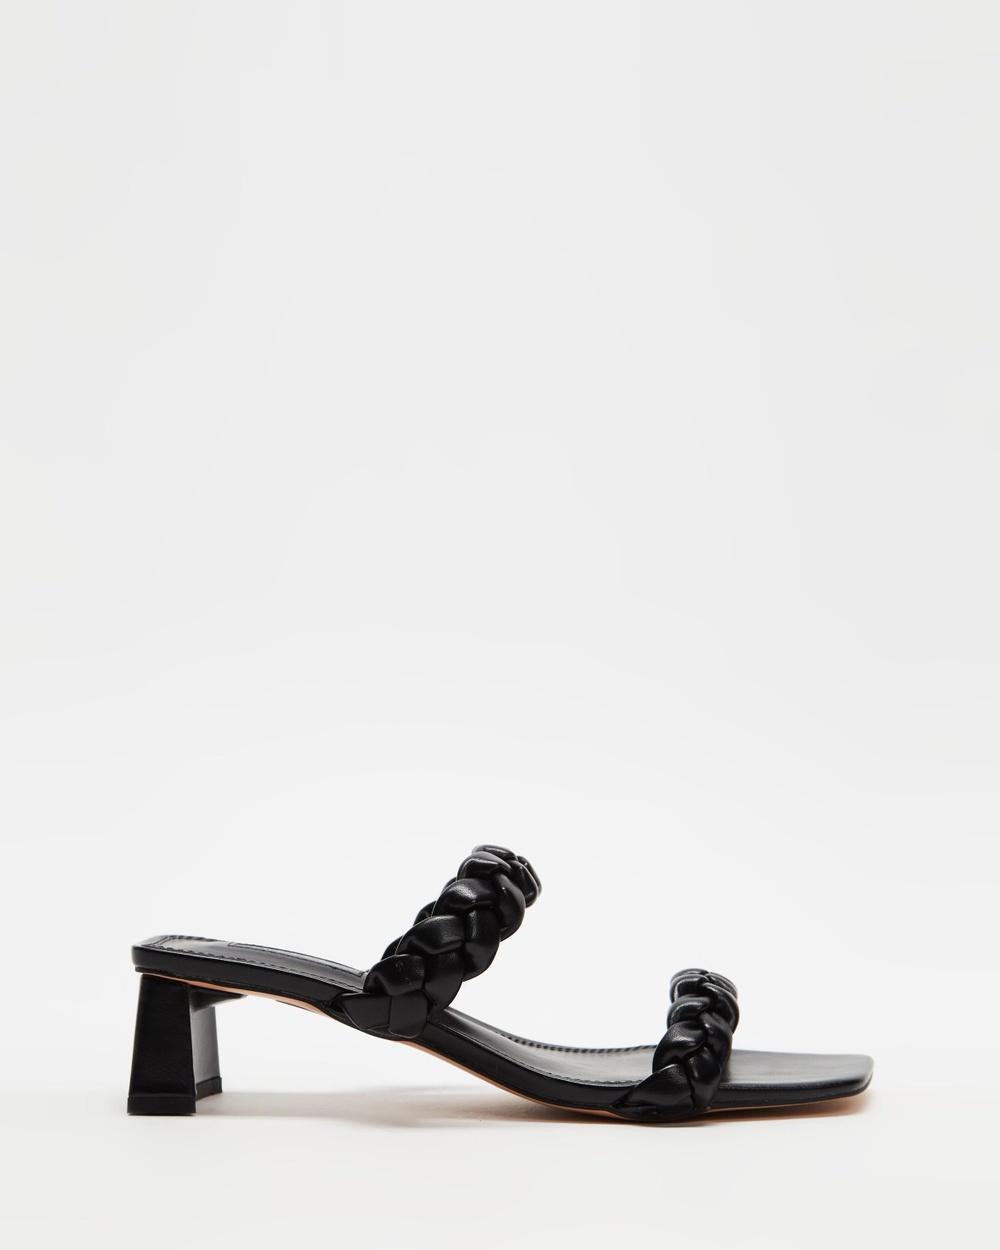 TOPSHOP Dream Plait Mules Sandals Black